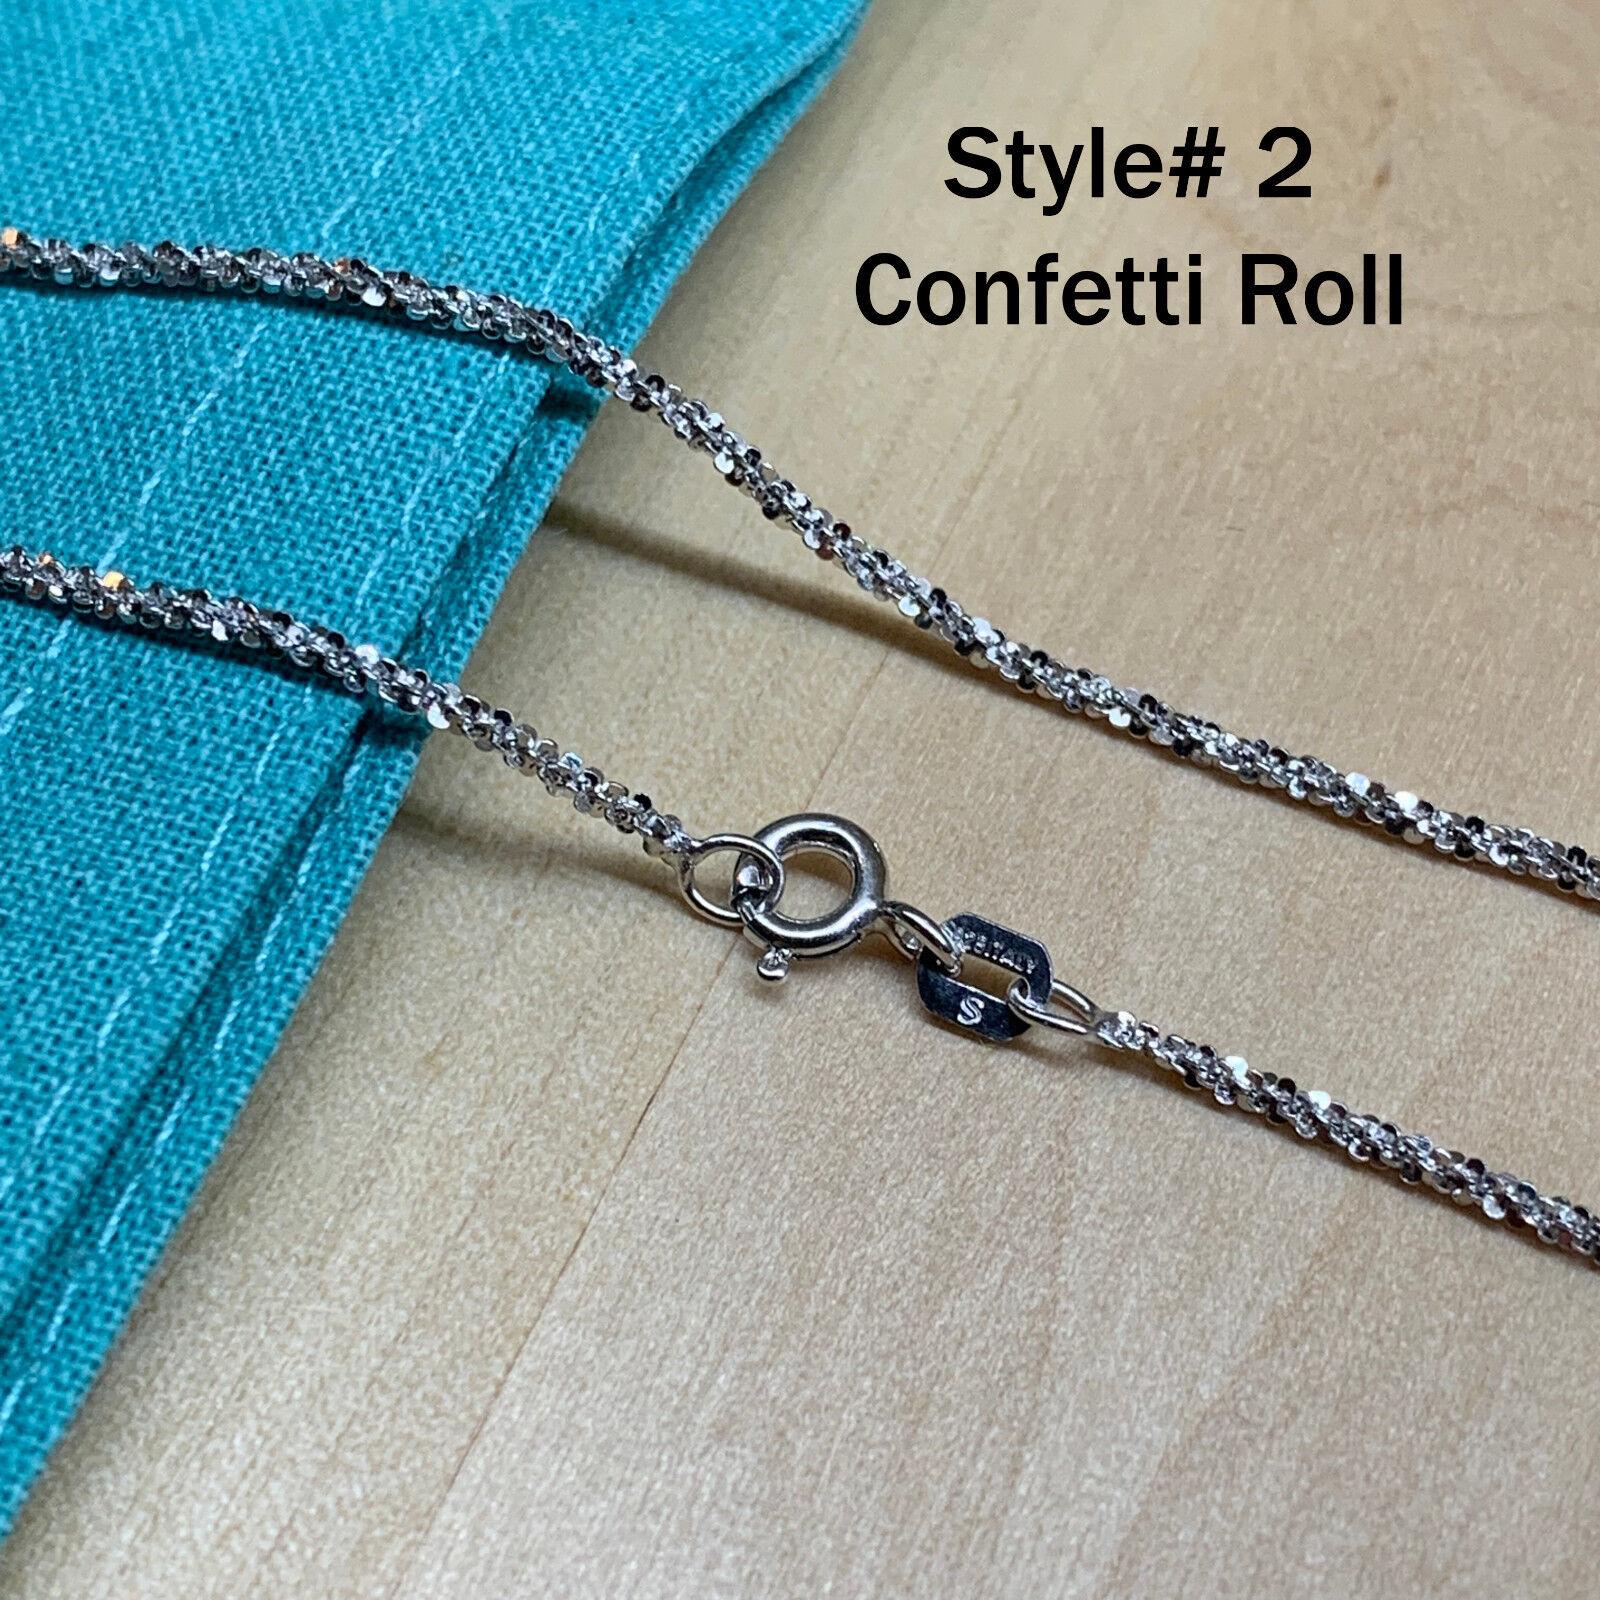 2 - Confetti Roll